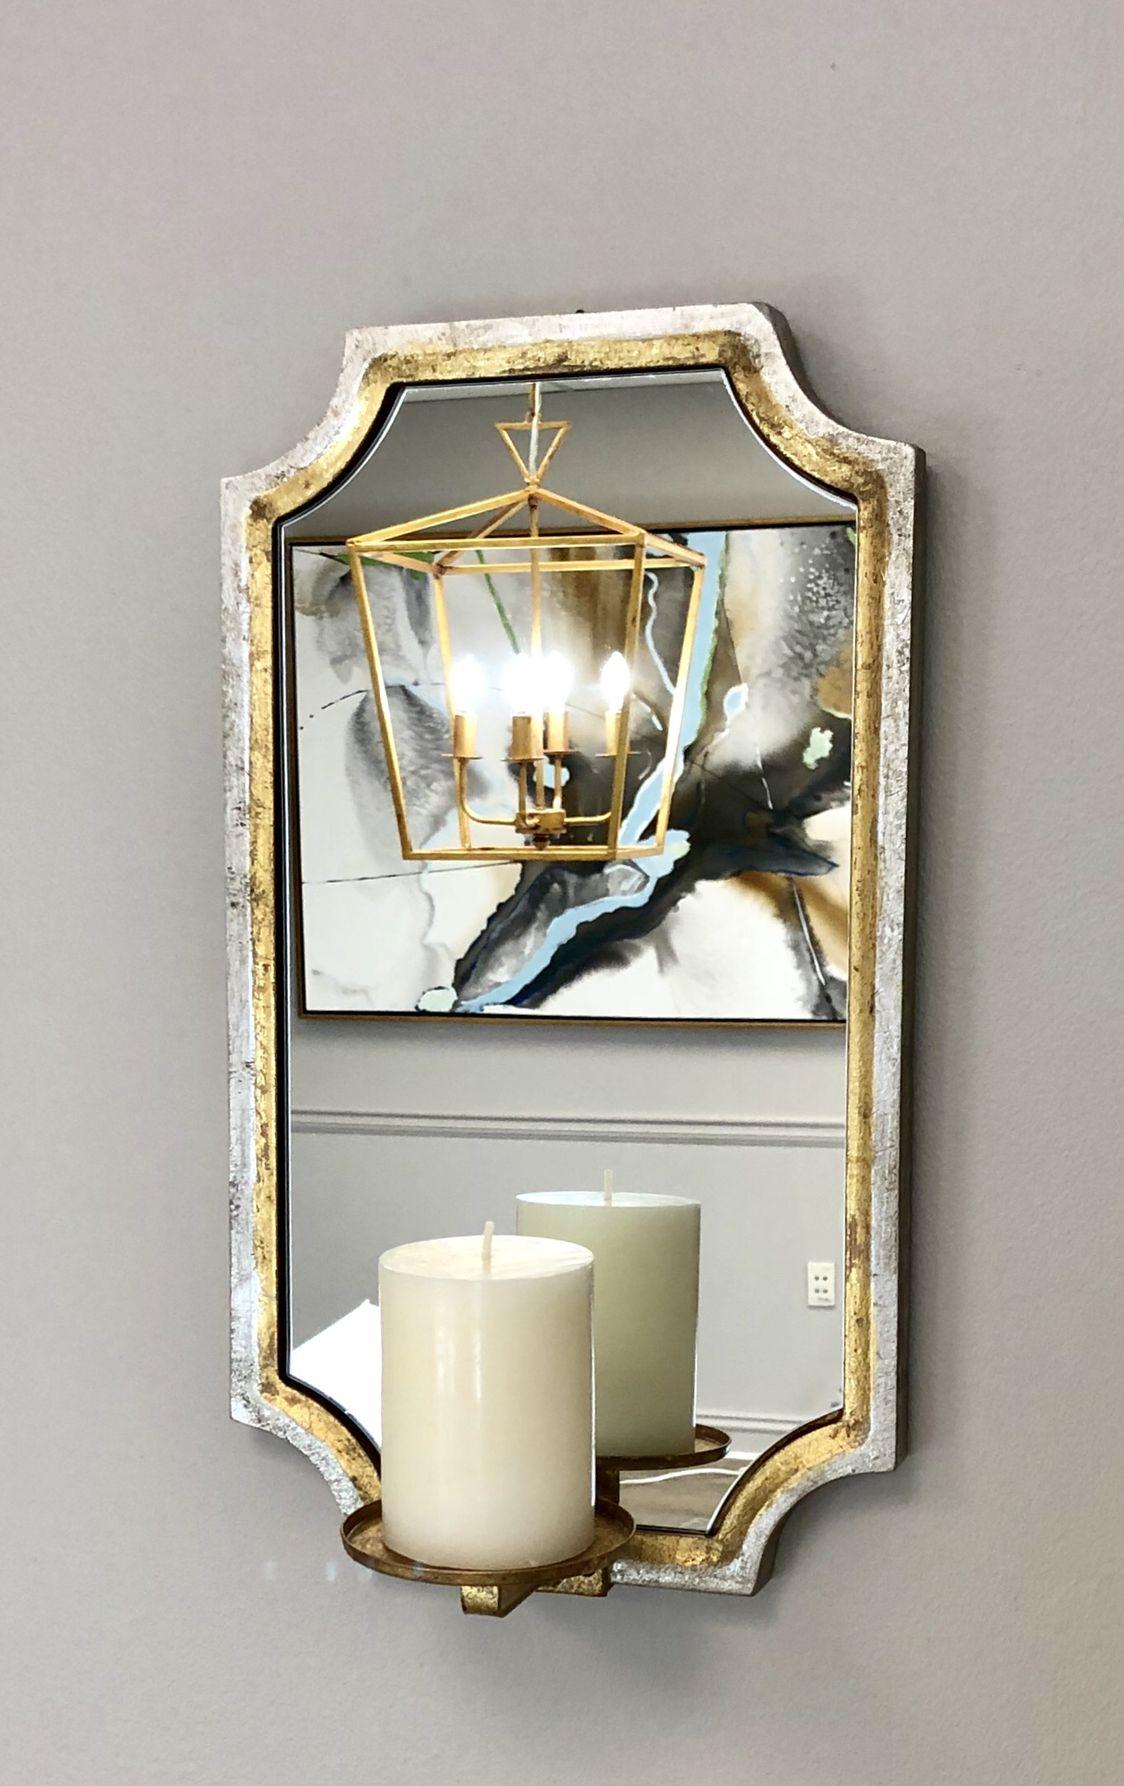 Ponnt Silver Gold Mirror Candle Holder Mirror Candle Holders Candle Mirror Gold Mirror Wall